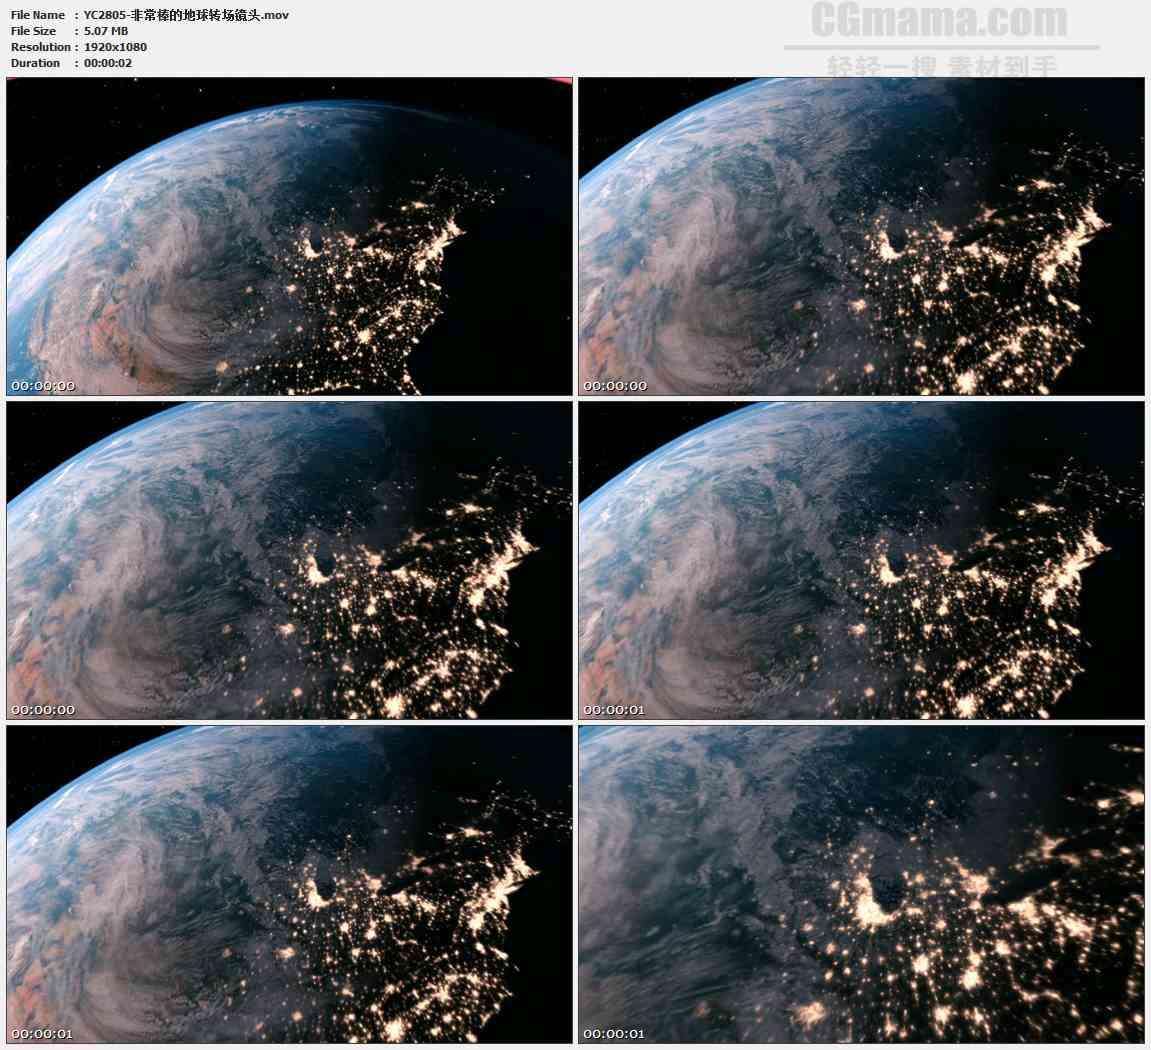 YC2805-非常棒的地球转场镜头高清实拍视频素材